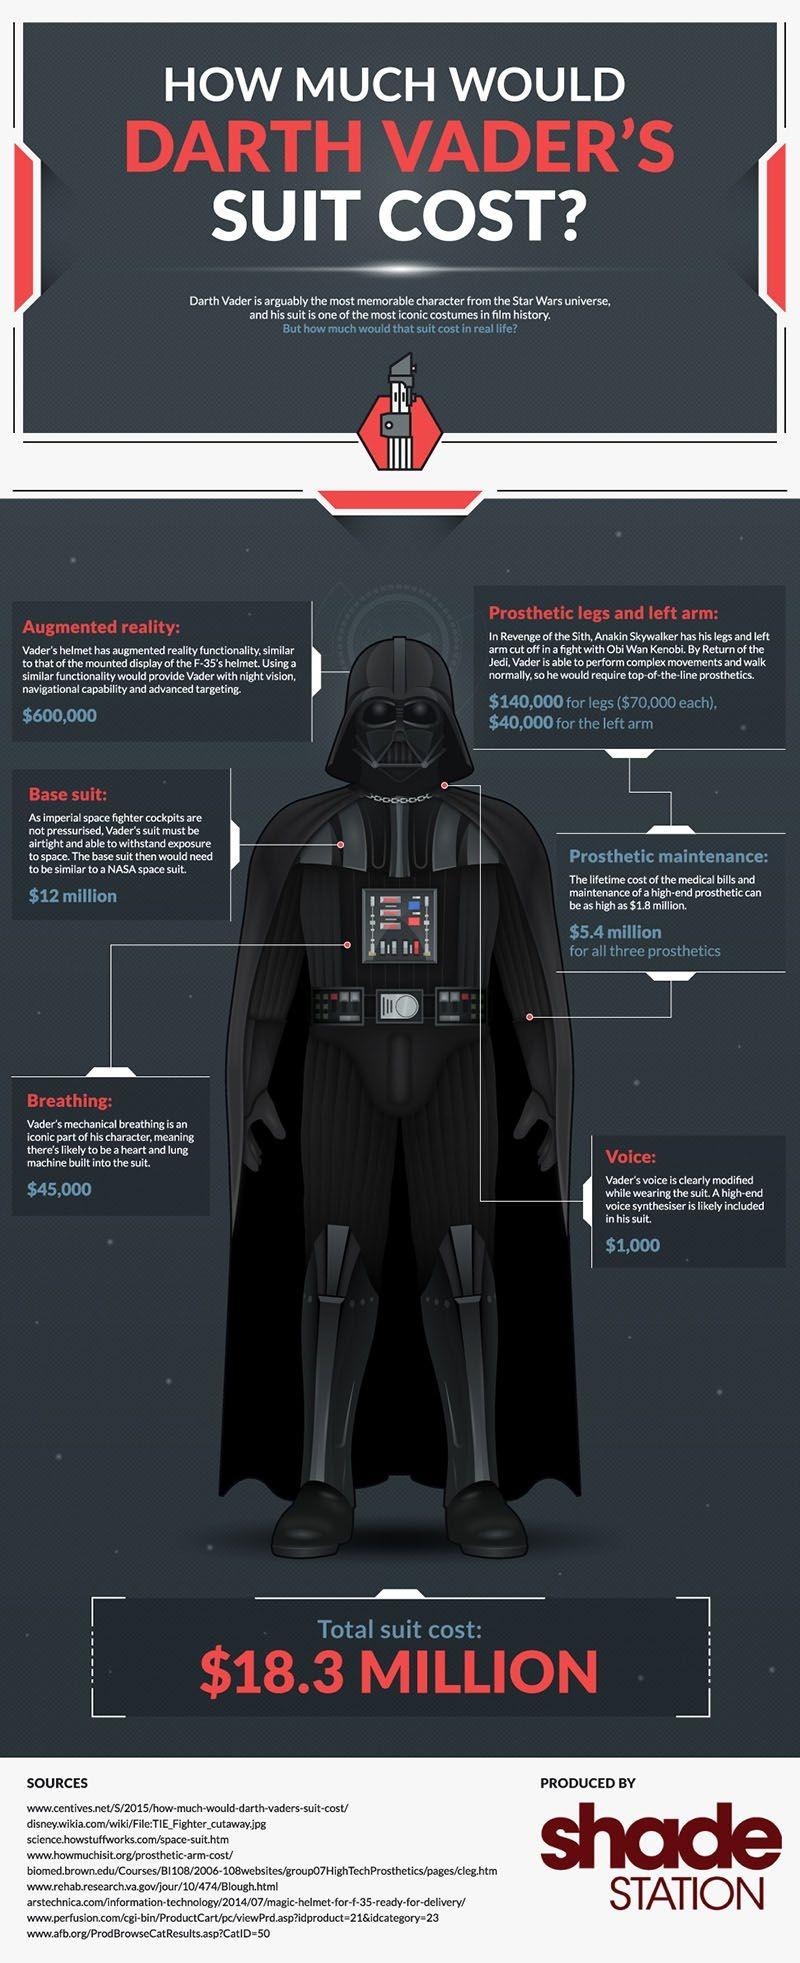 Cât ar costa costumul lui Darth Vader?